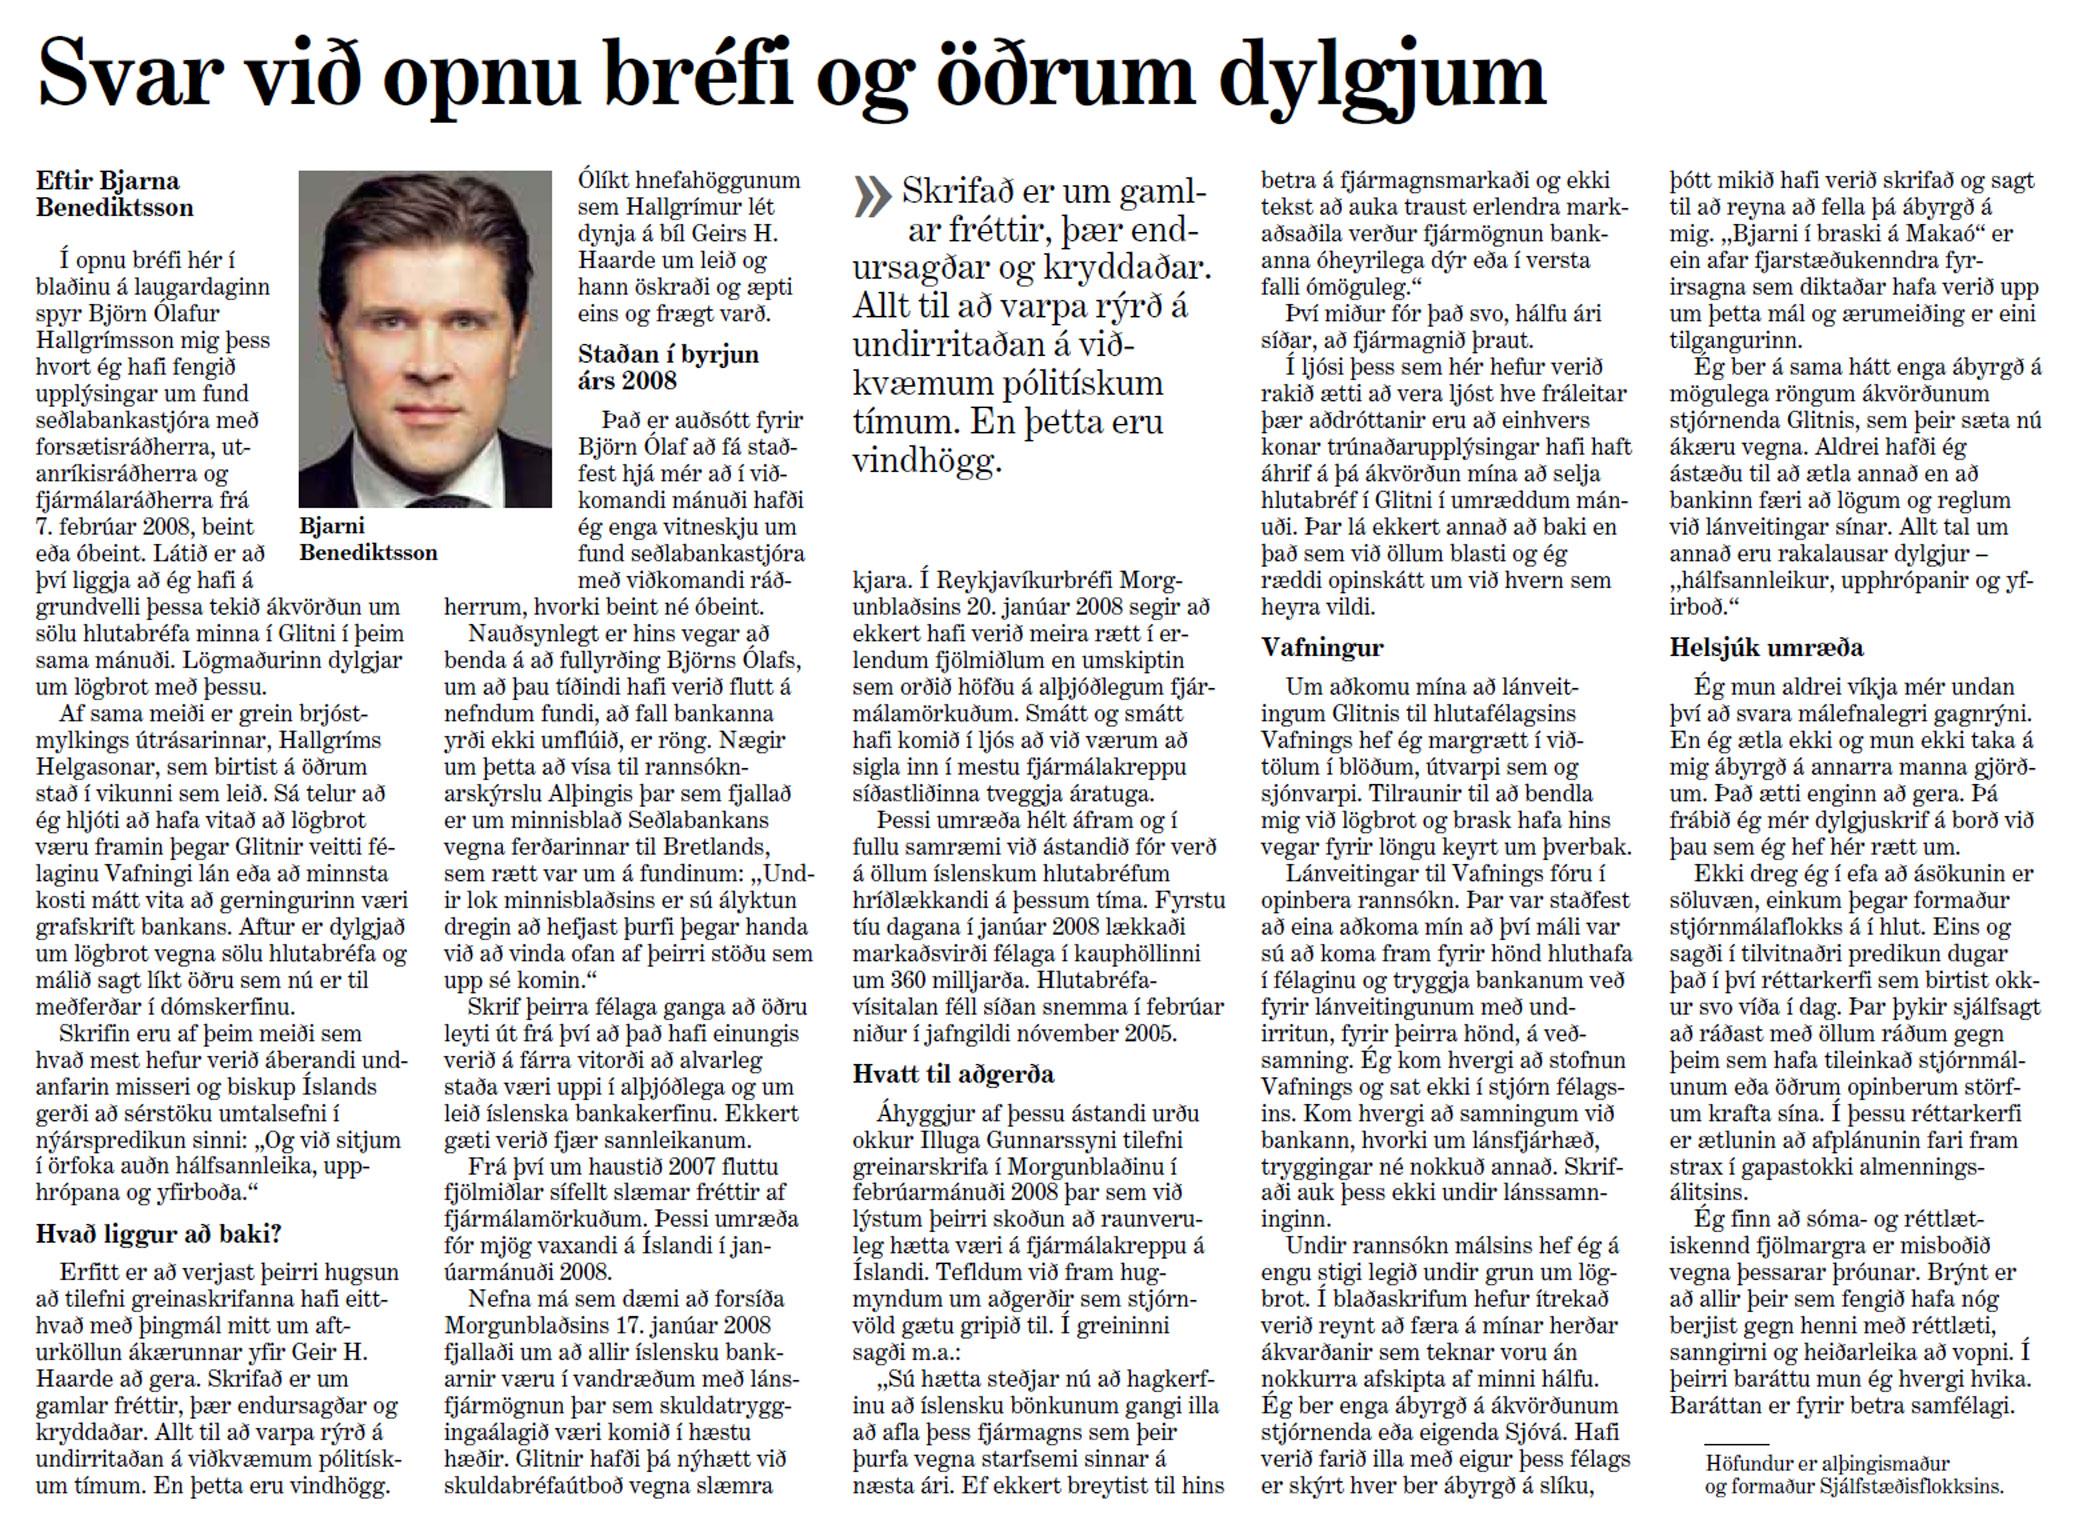 Svar við opnu bréfi og öðrum dylgjum - Bjarni Benediktsson - Morgunblaðið 30. janúar 2012